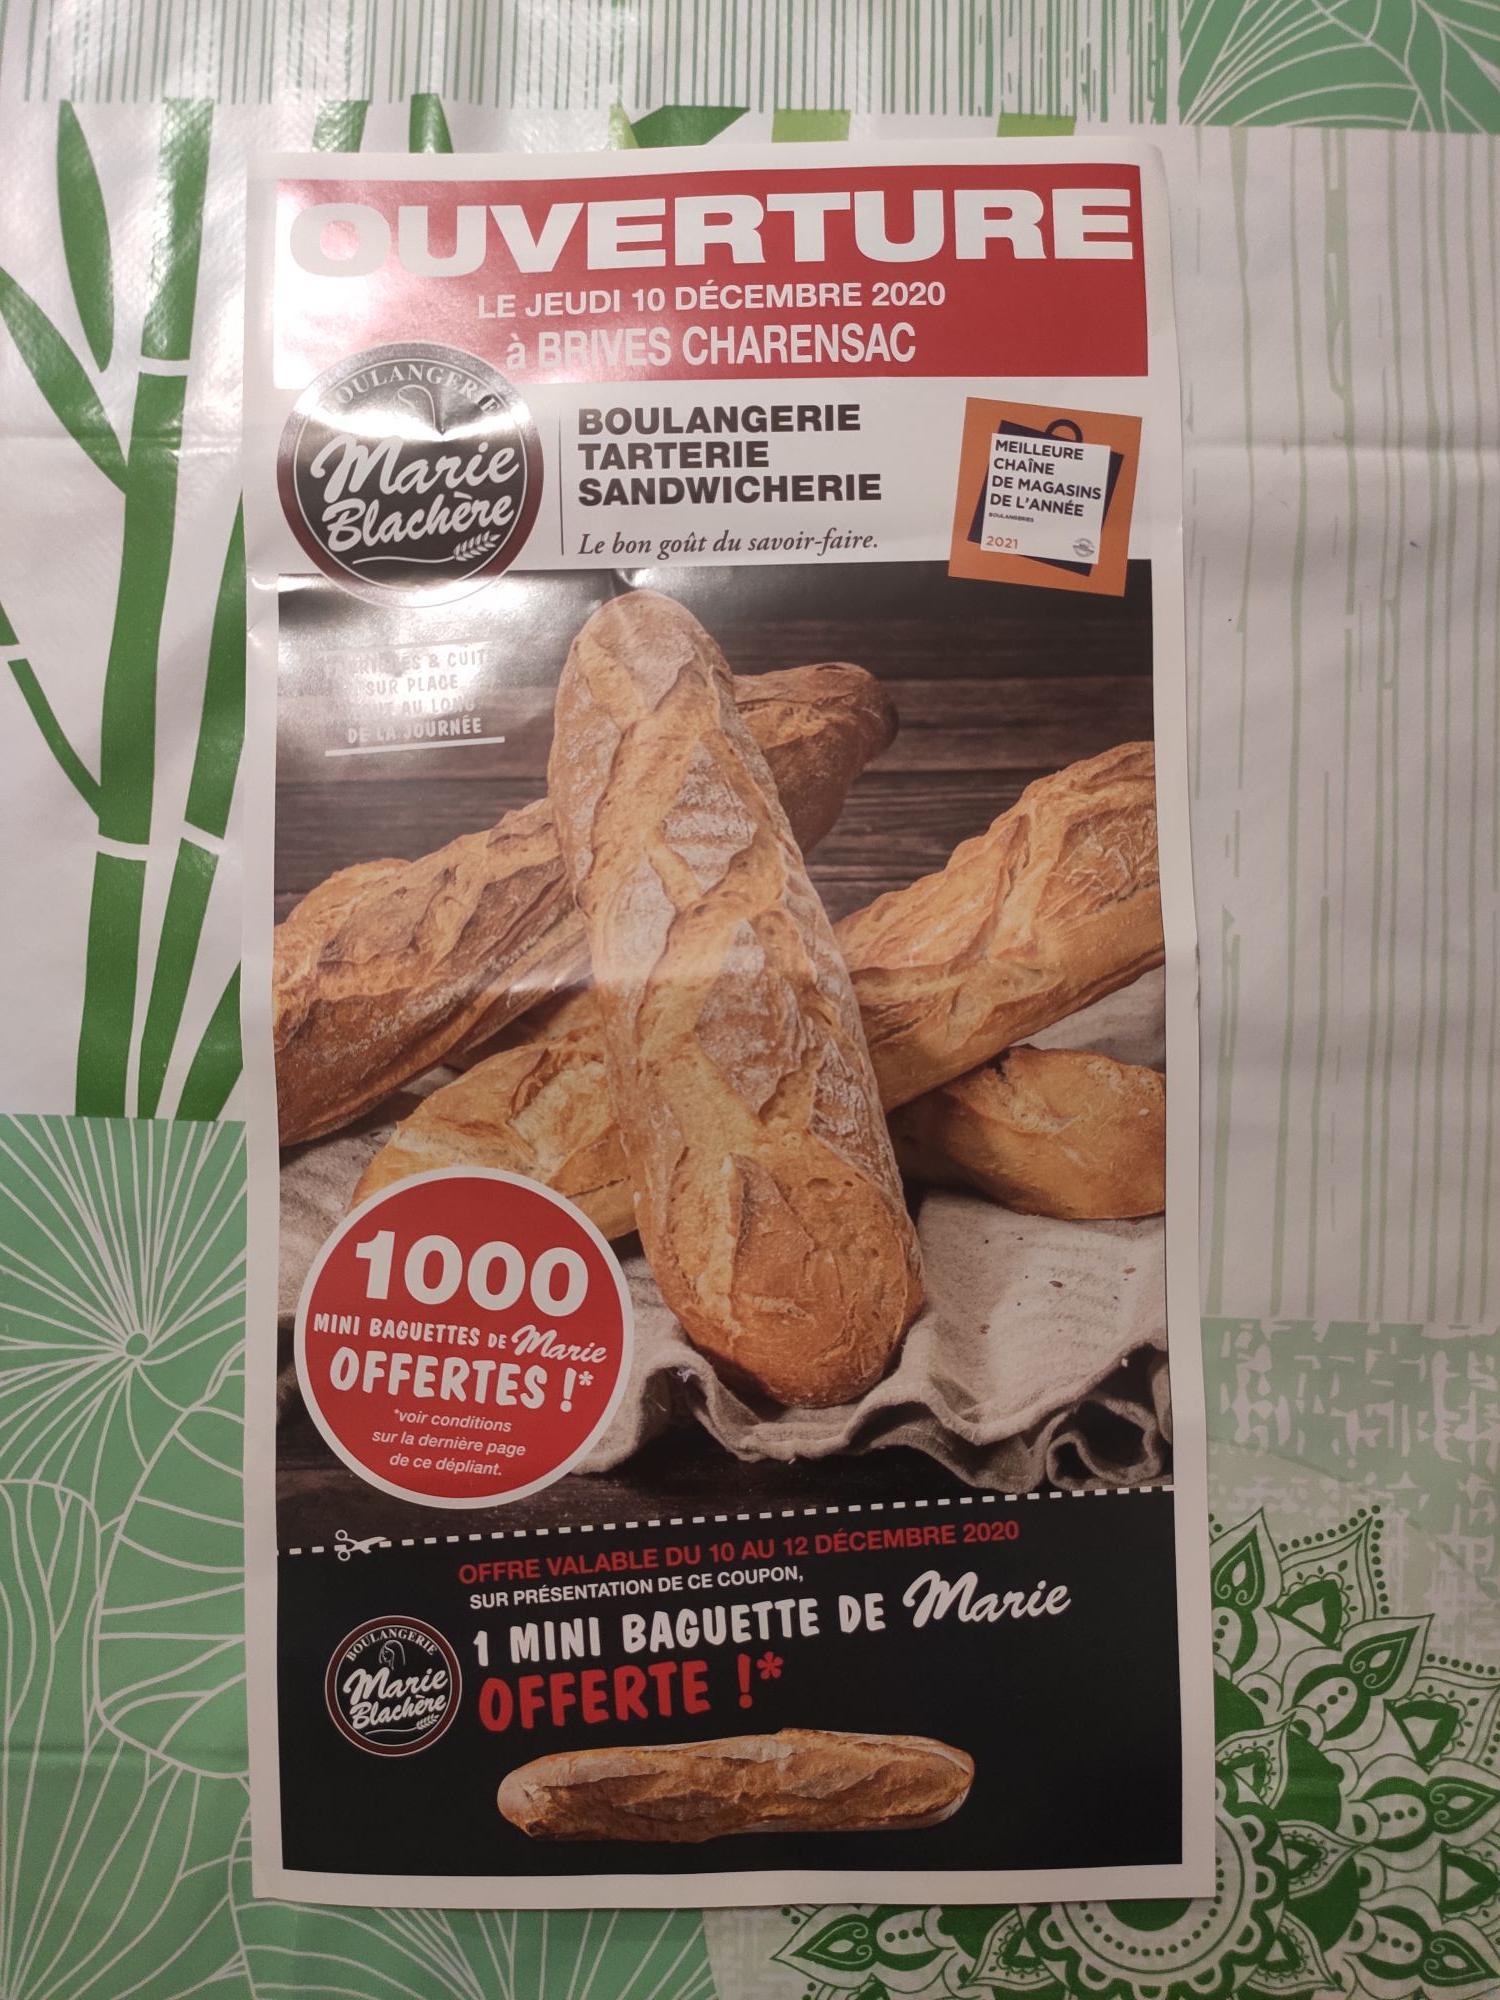 1 Mini-baguette offerte sans obligation d'achat - Marie Blachère Brives-Charensac (43)